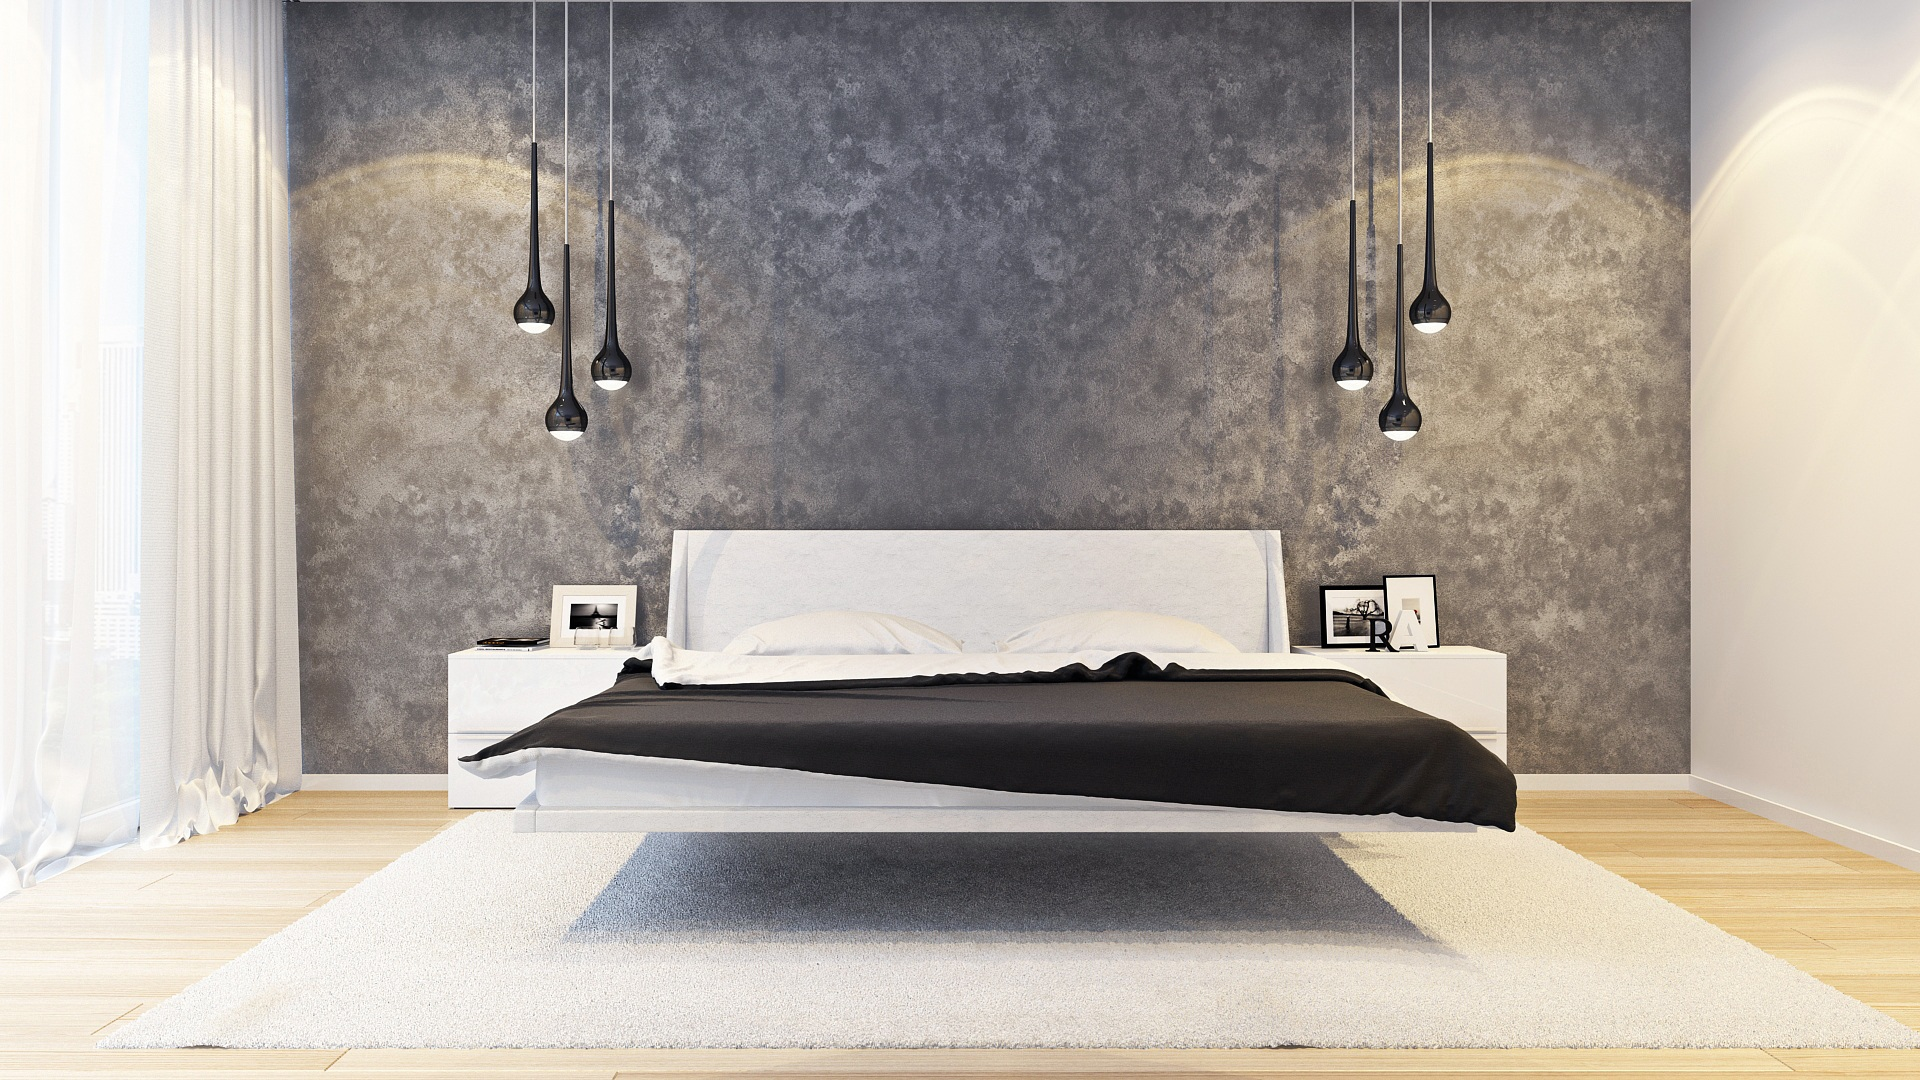 освещение прикроватное в стиле минимализм в интерьере спальни